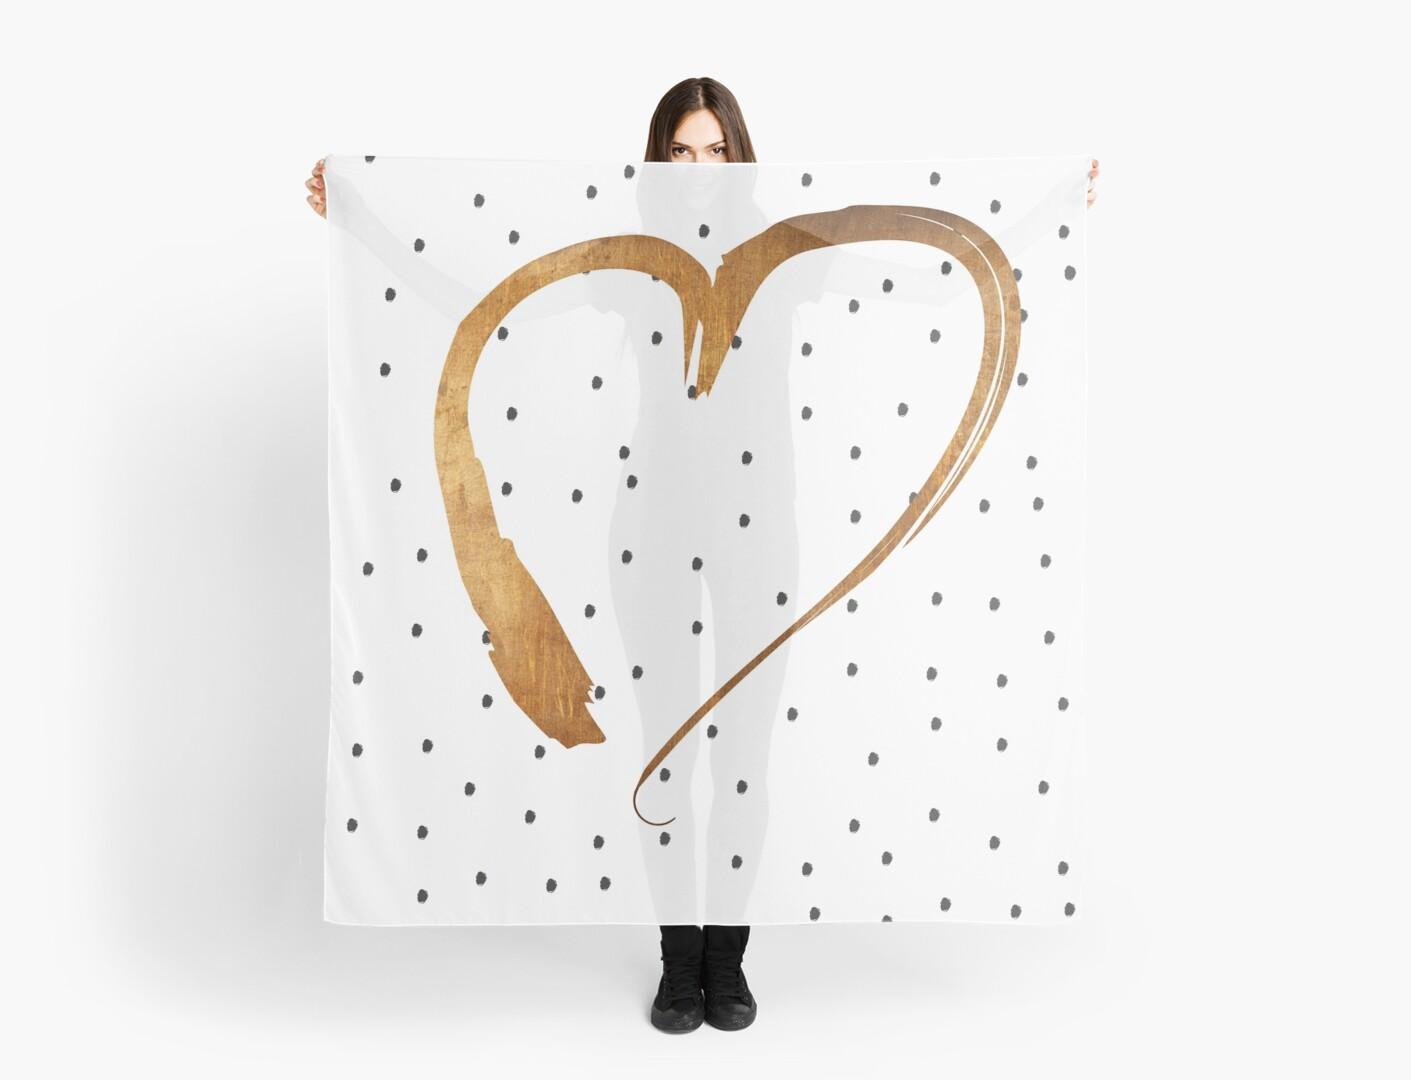 Heart von froileinjuno